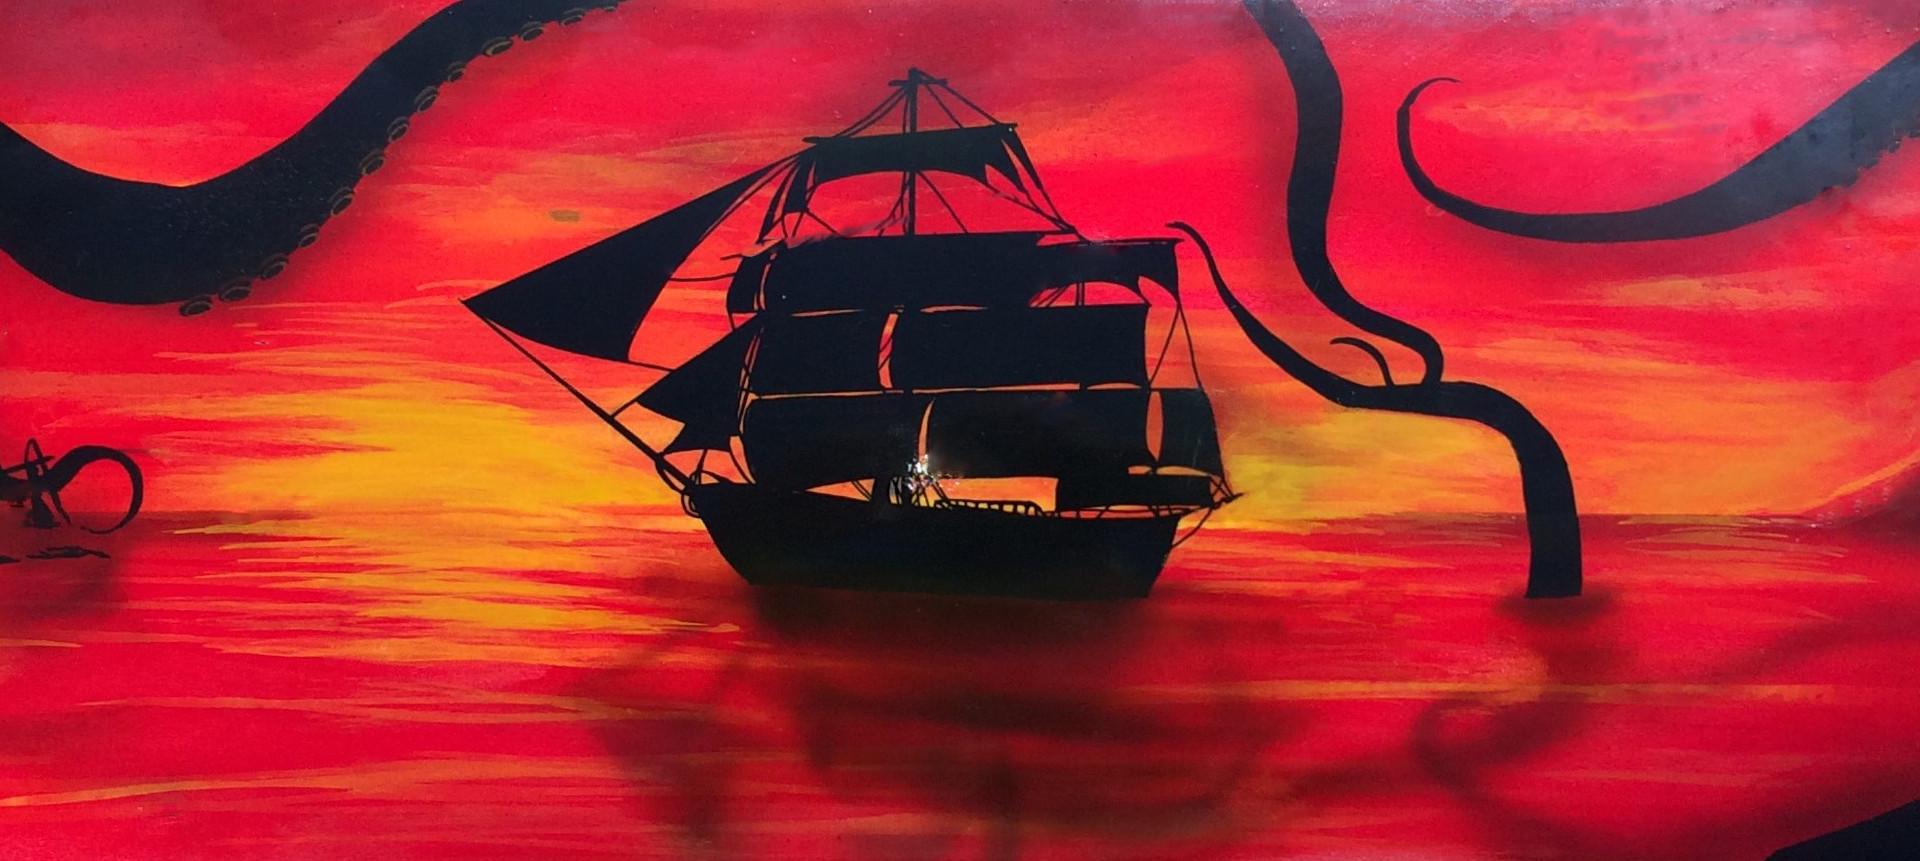 Kraken Sunset.jpg